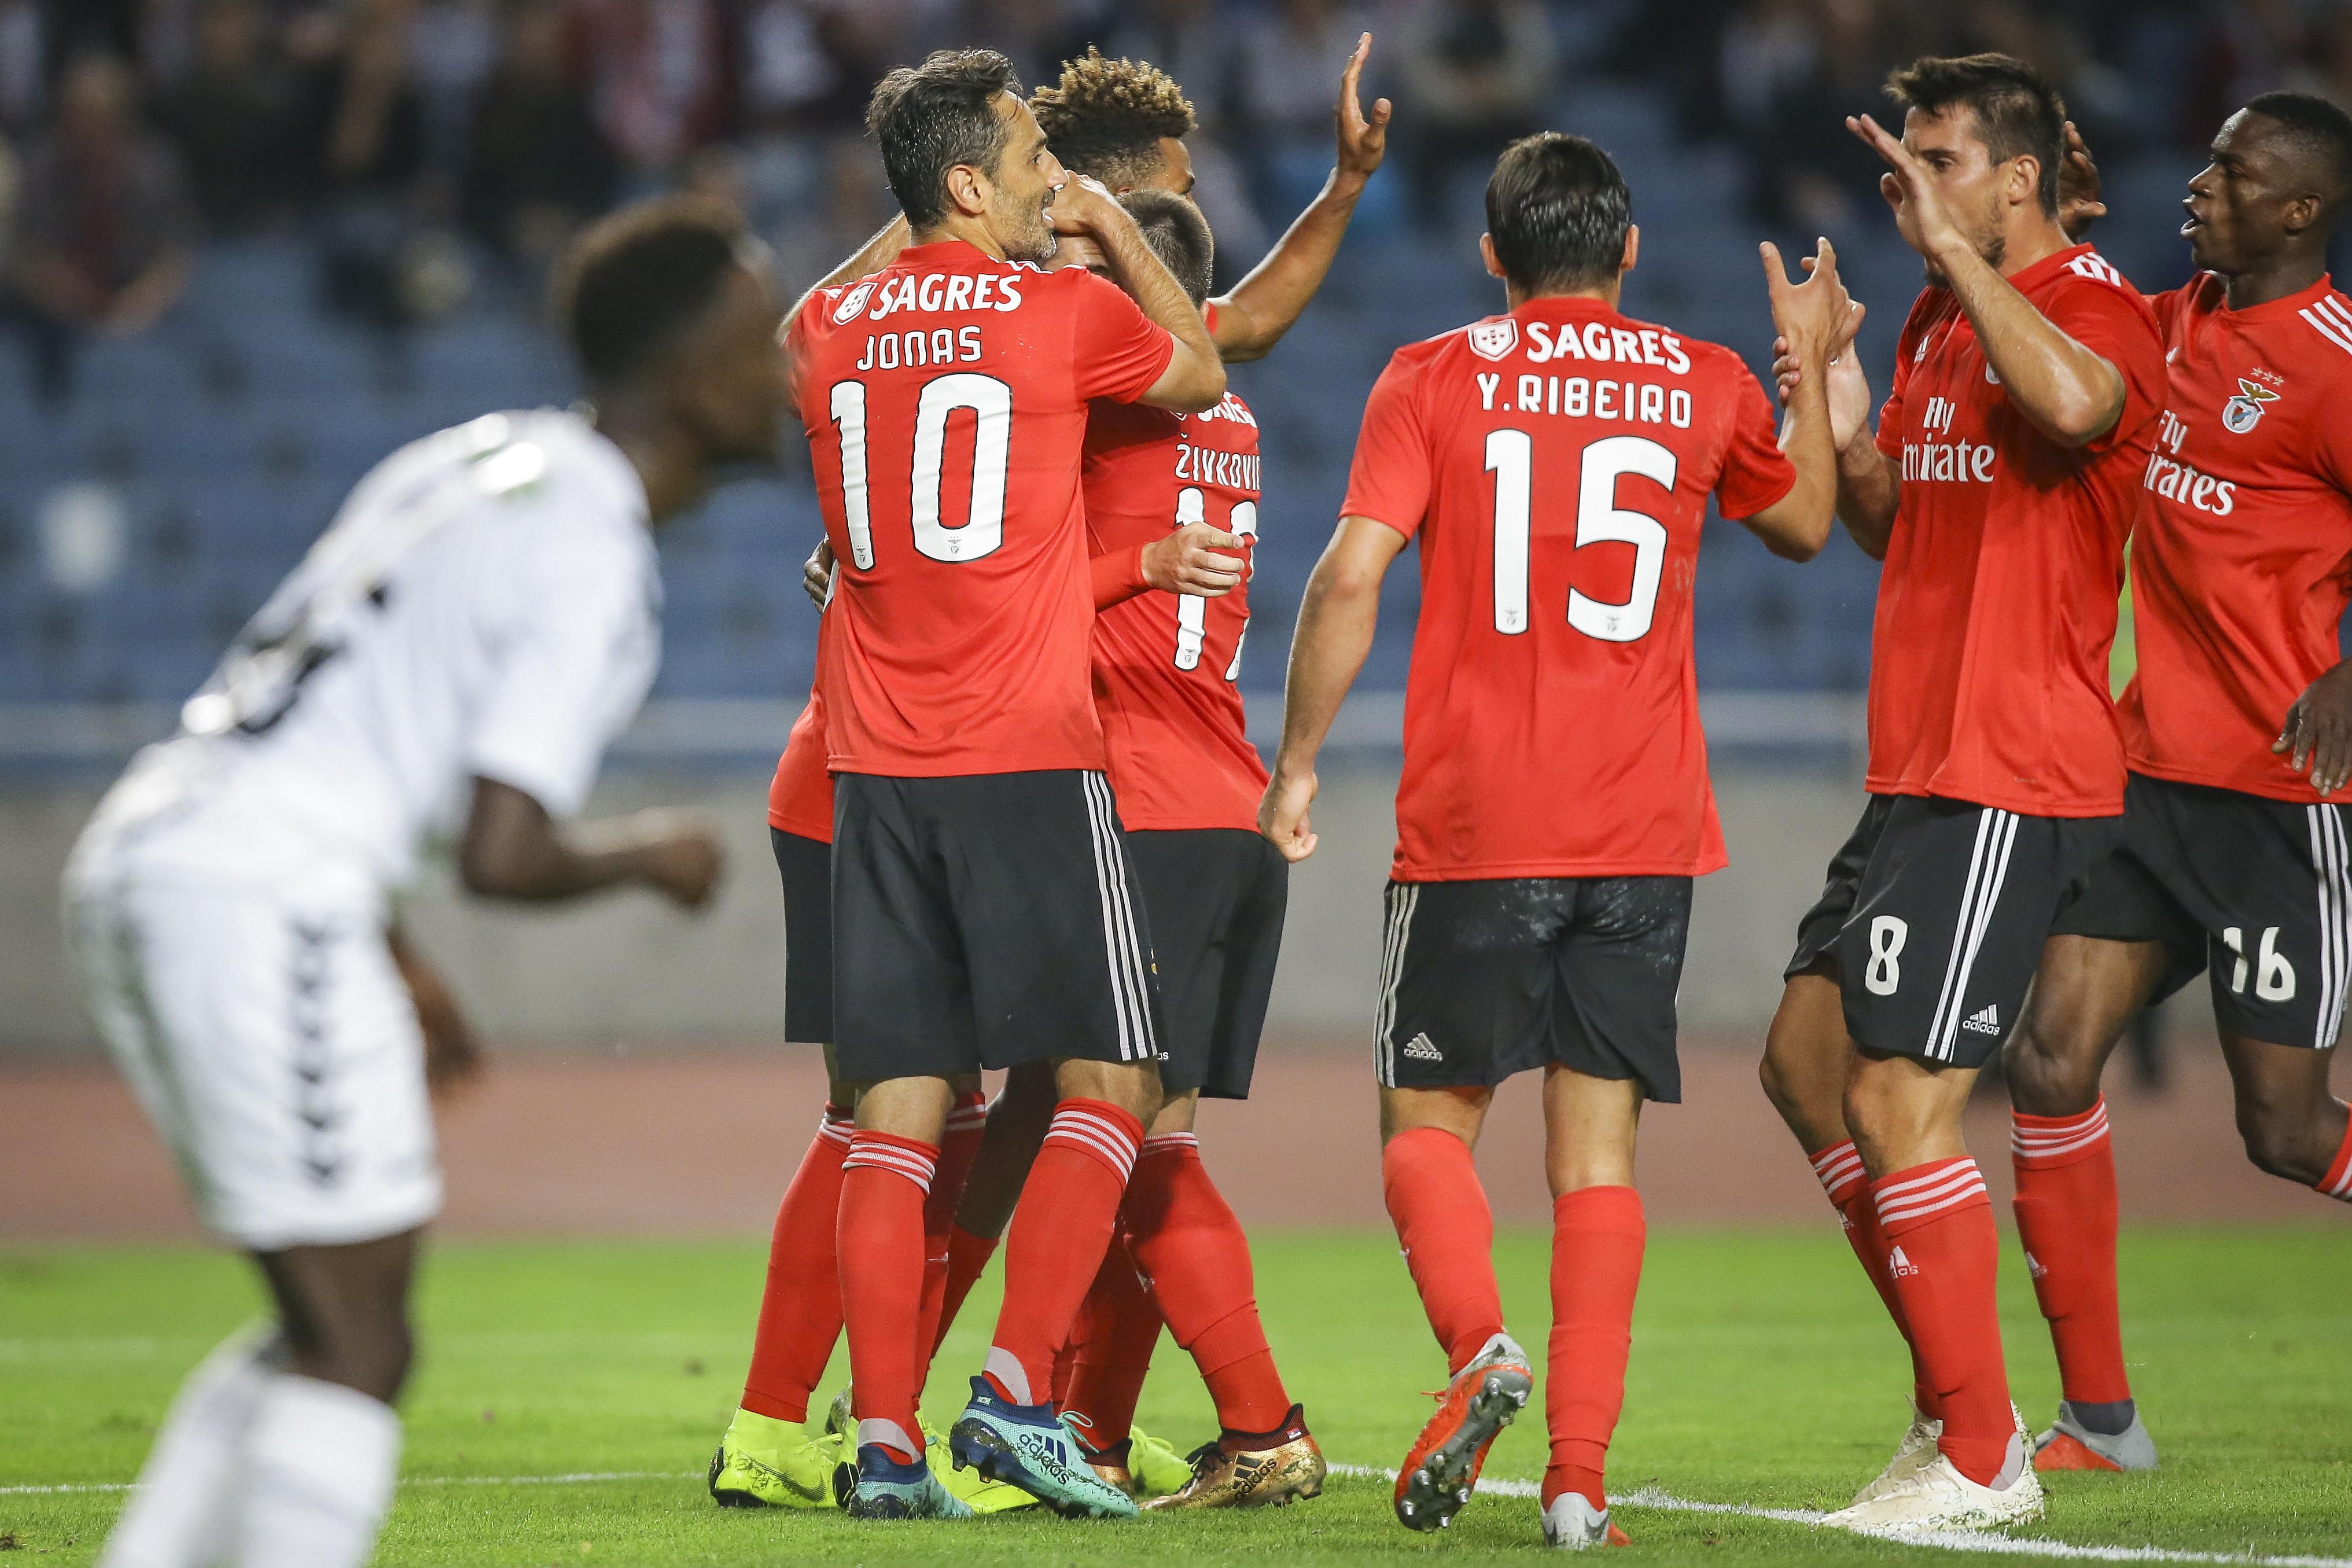 'Golias' não teve dificuldades. Benfica vence e segue em frente na Taça